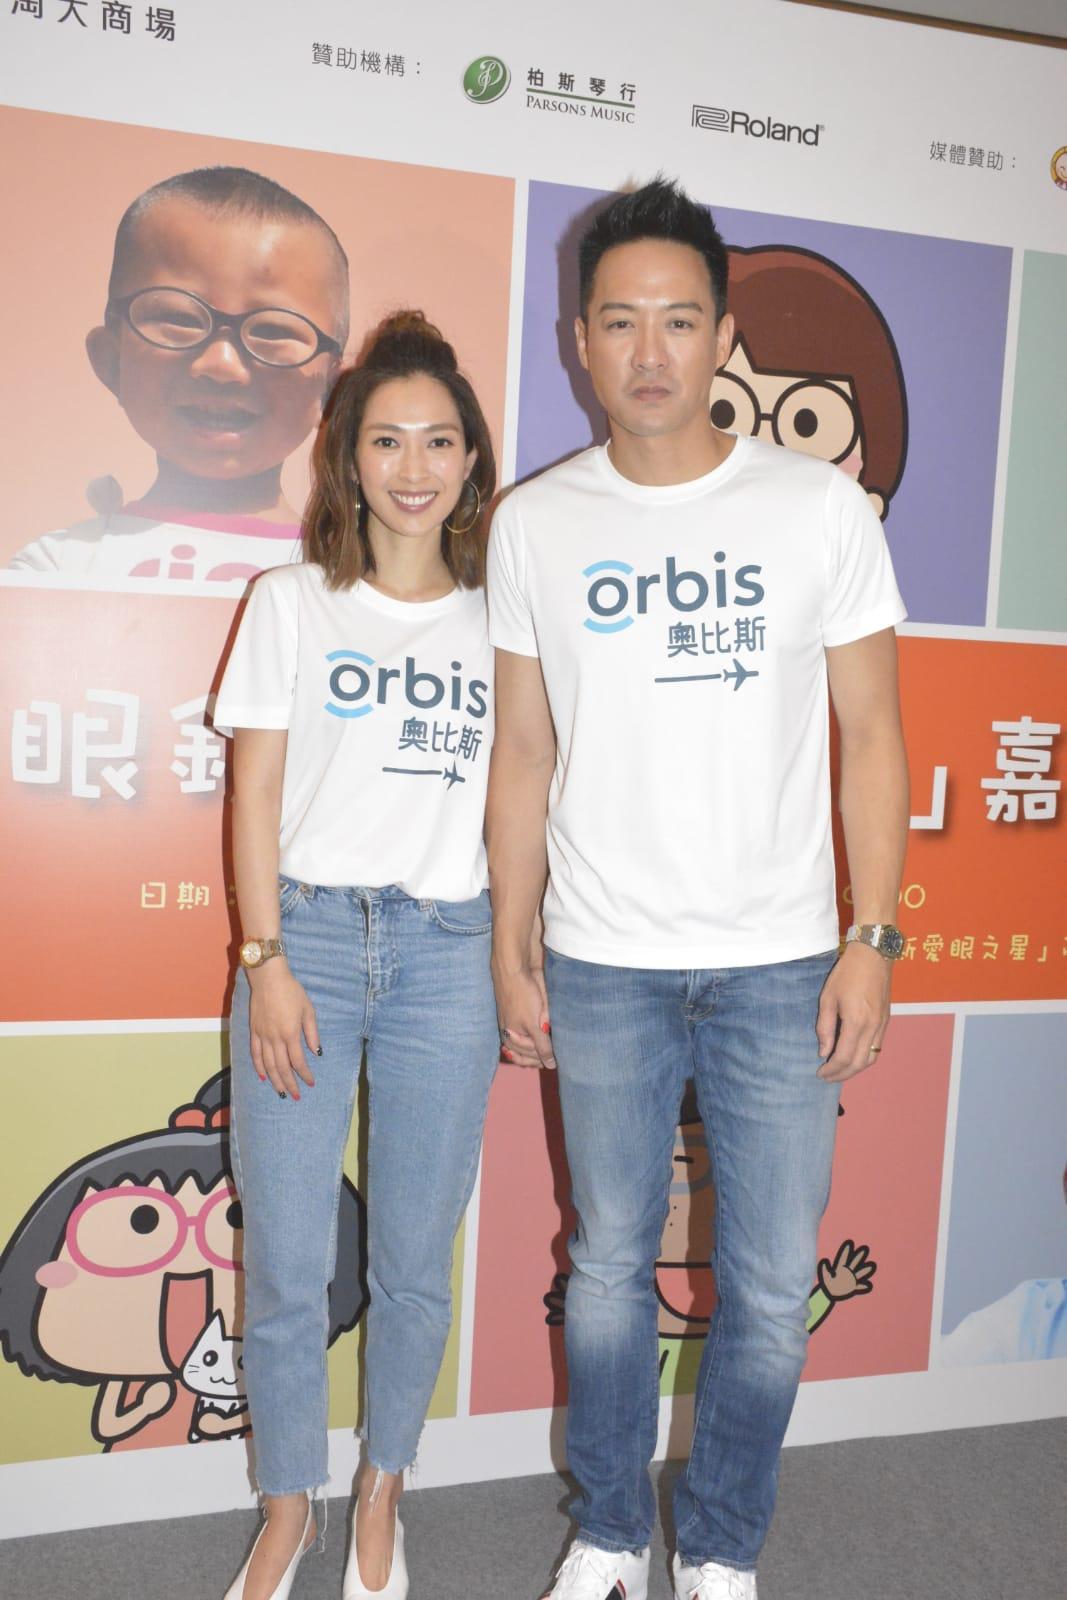 宋熙年與陳智燊出席奧比斯活動。